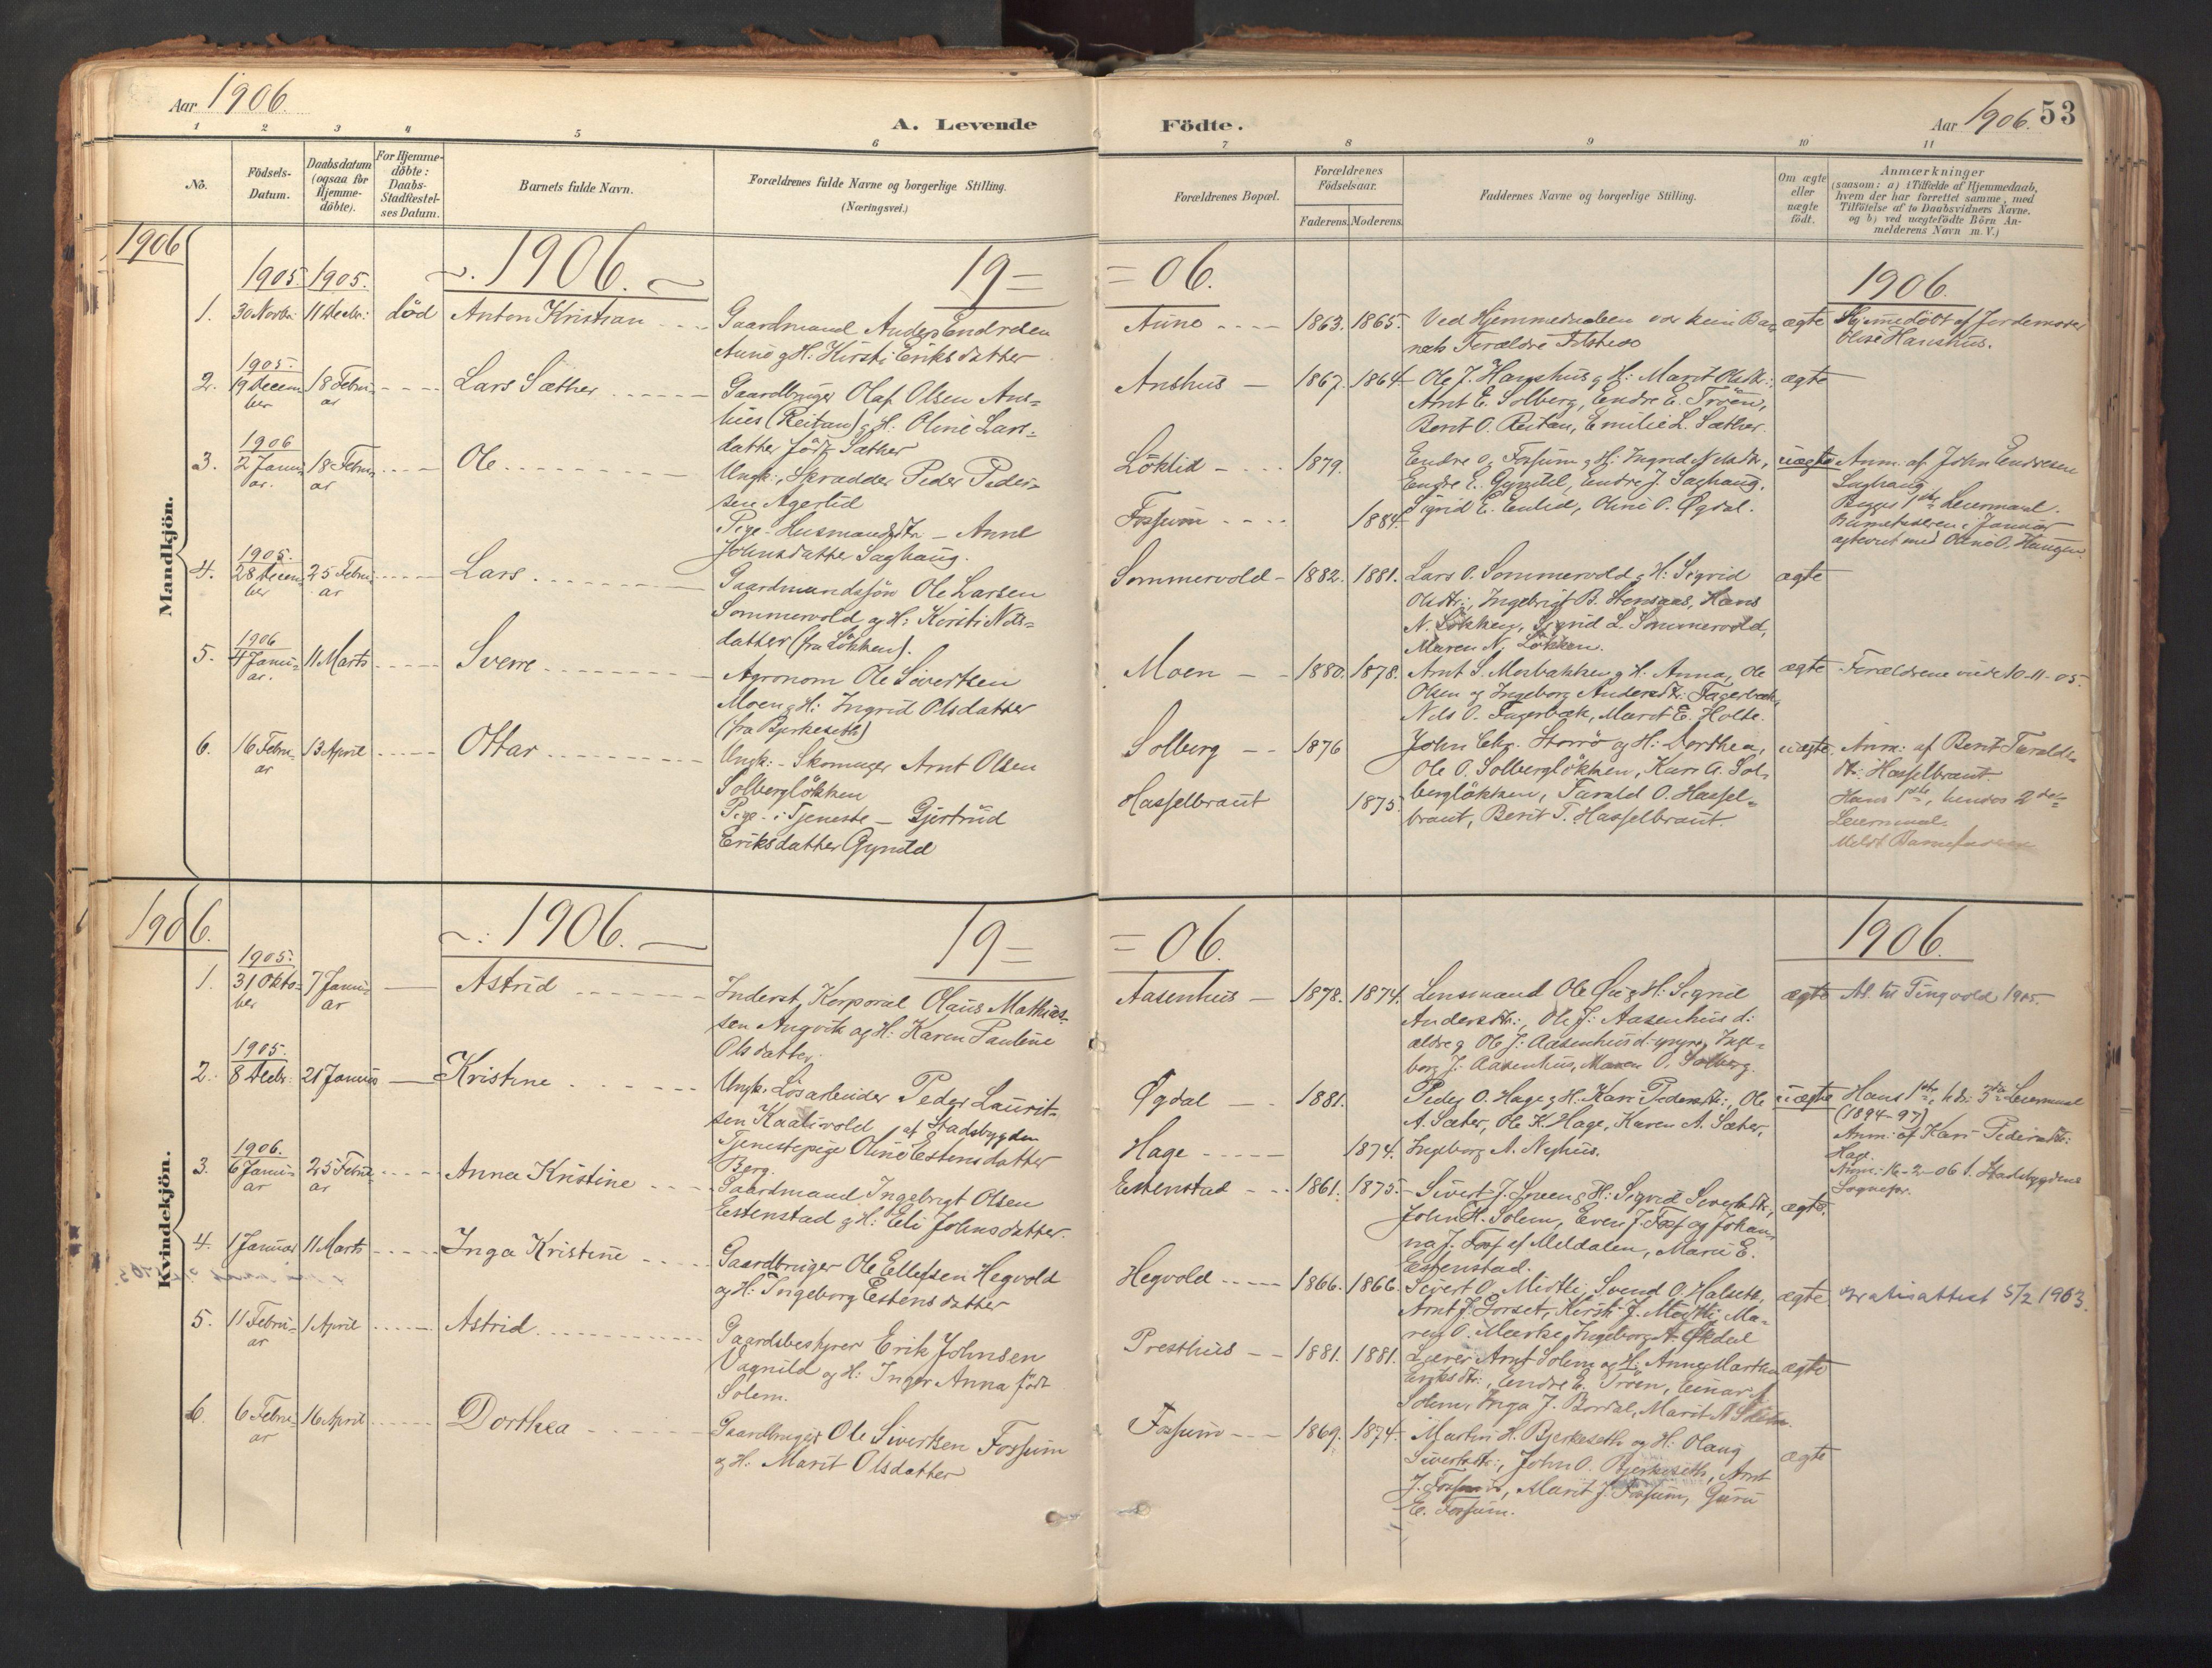 SAT, Ministerialprotokoller, klokkerbøker og fødselsregistre - Sør-Trøndelag, 689/L1041: Ministerialbok nr. 689A06, 1891-1923, s. 53